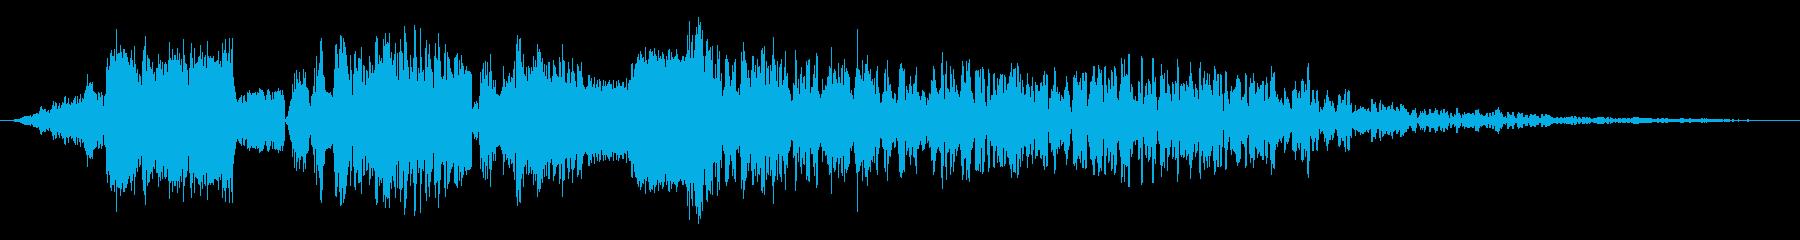 チューナーキッカーの再生済みの波形